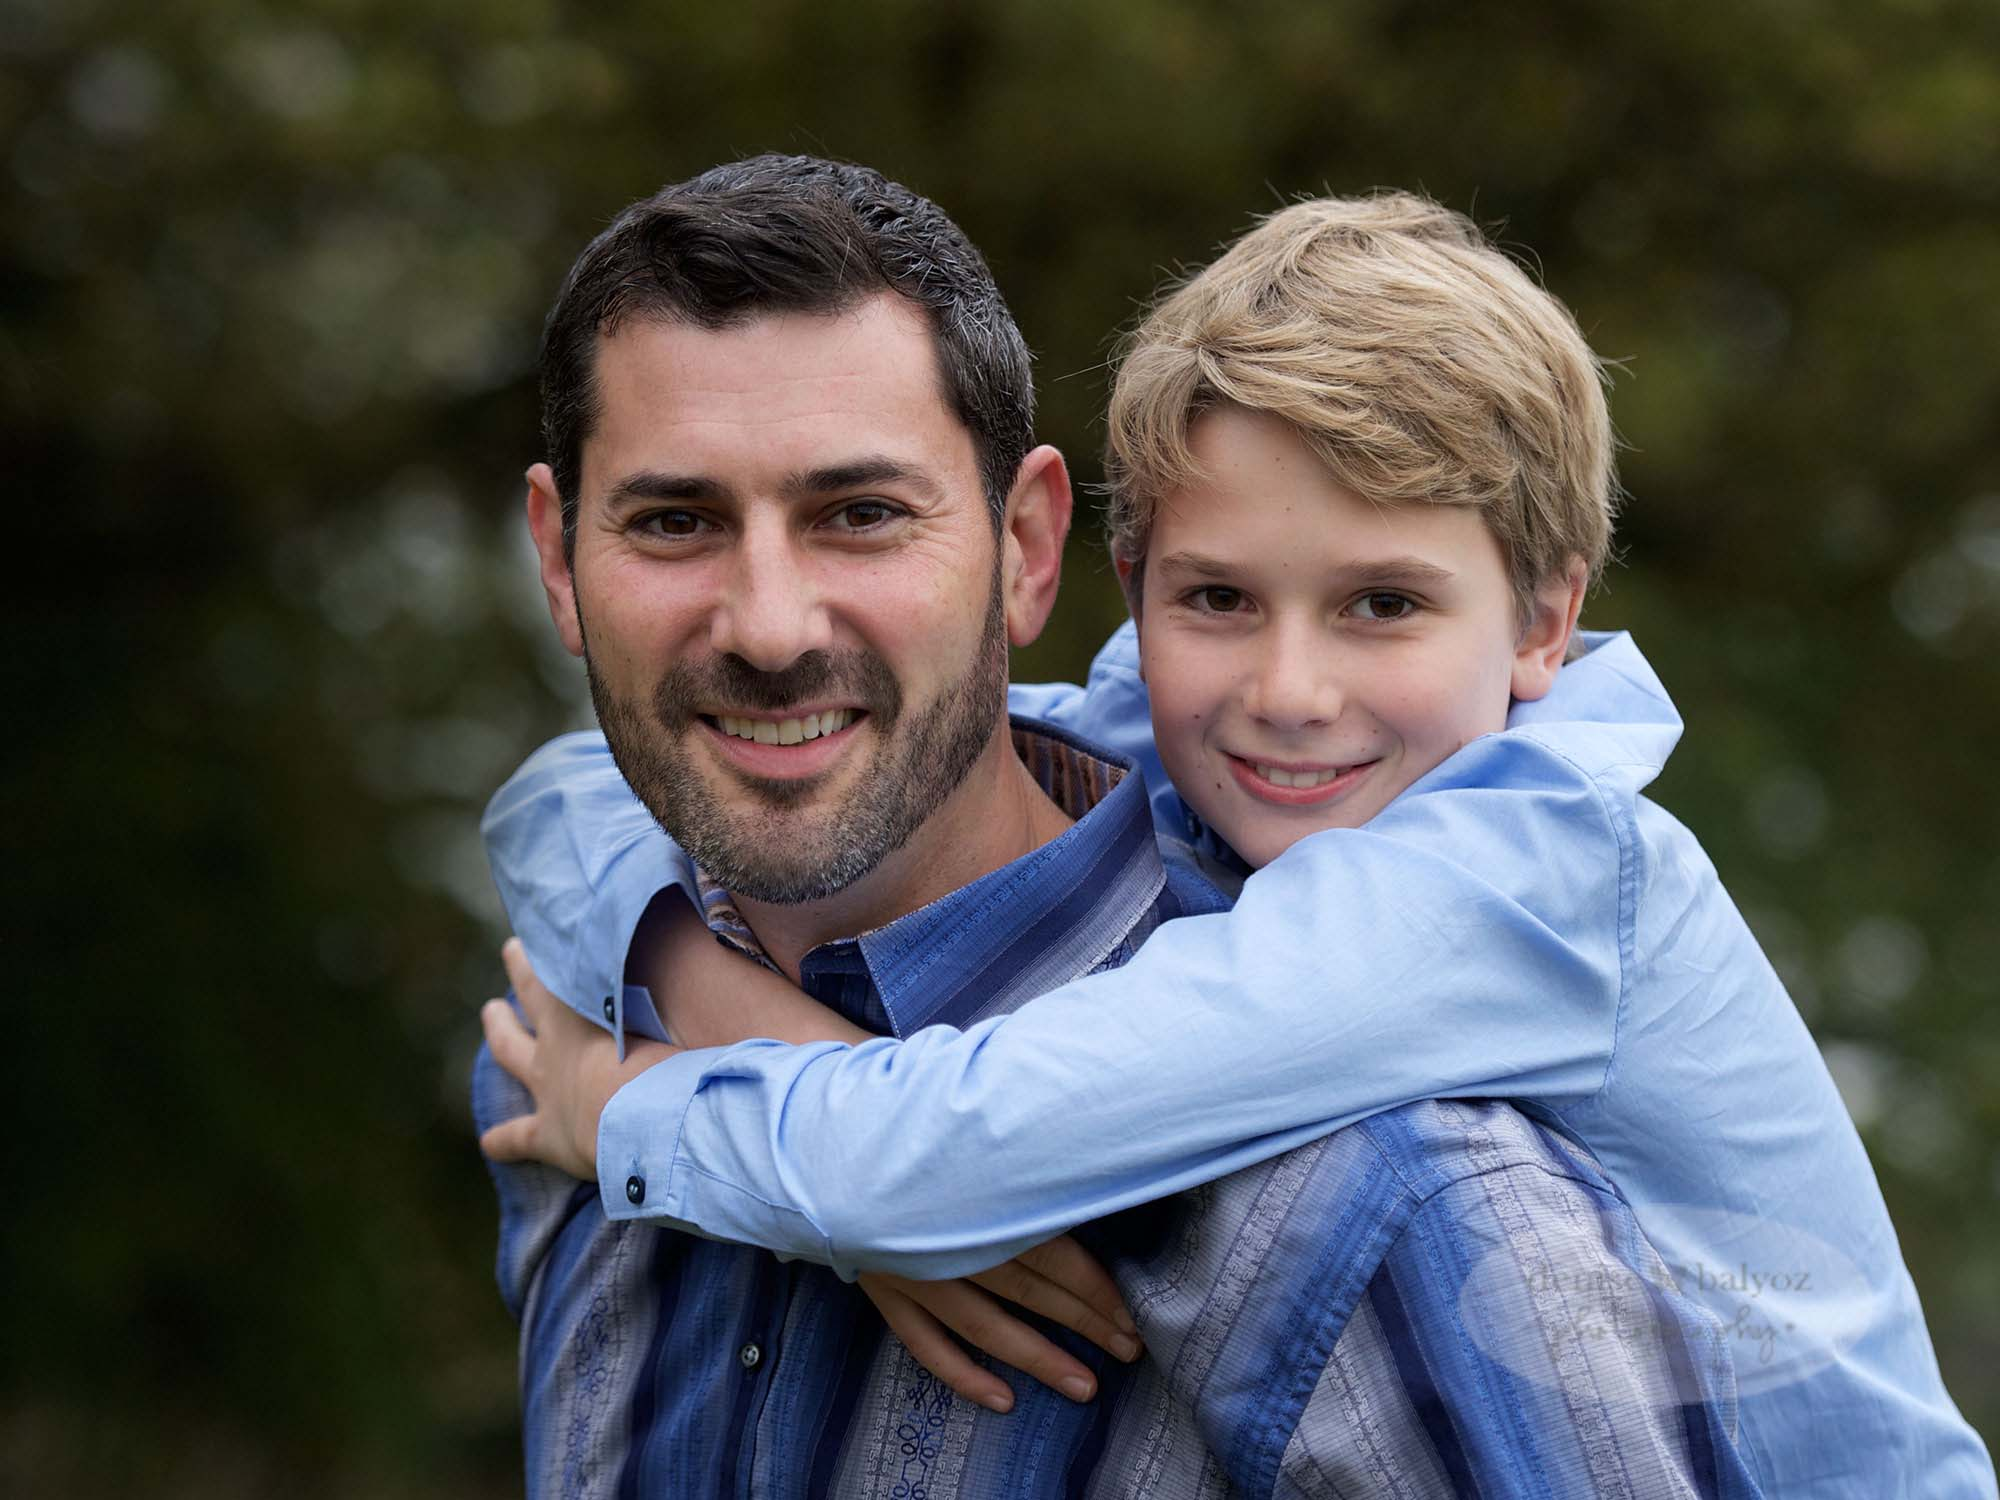 family-child-photographer-windsor.jpg